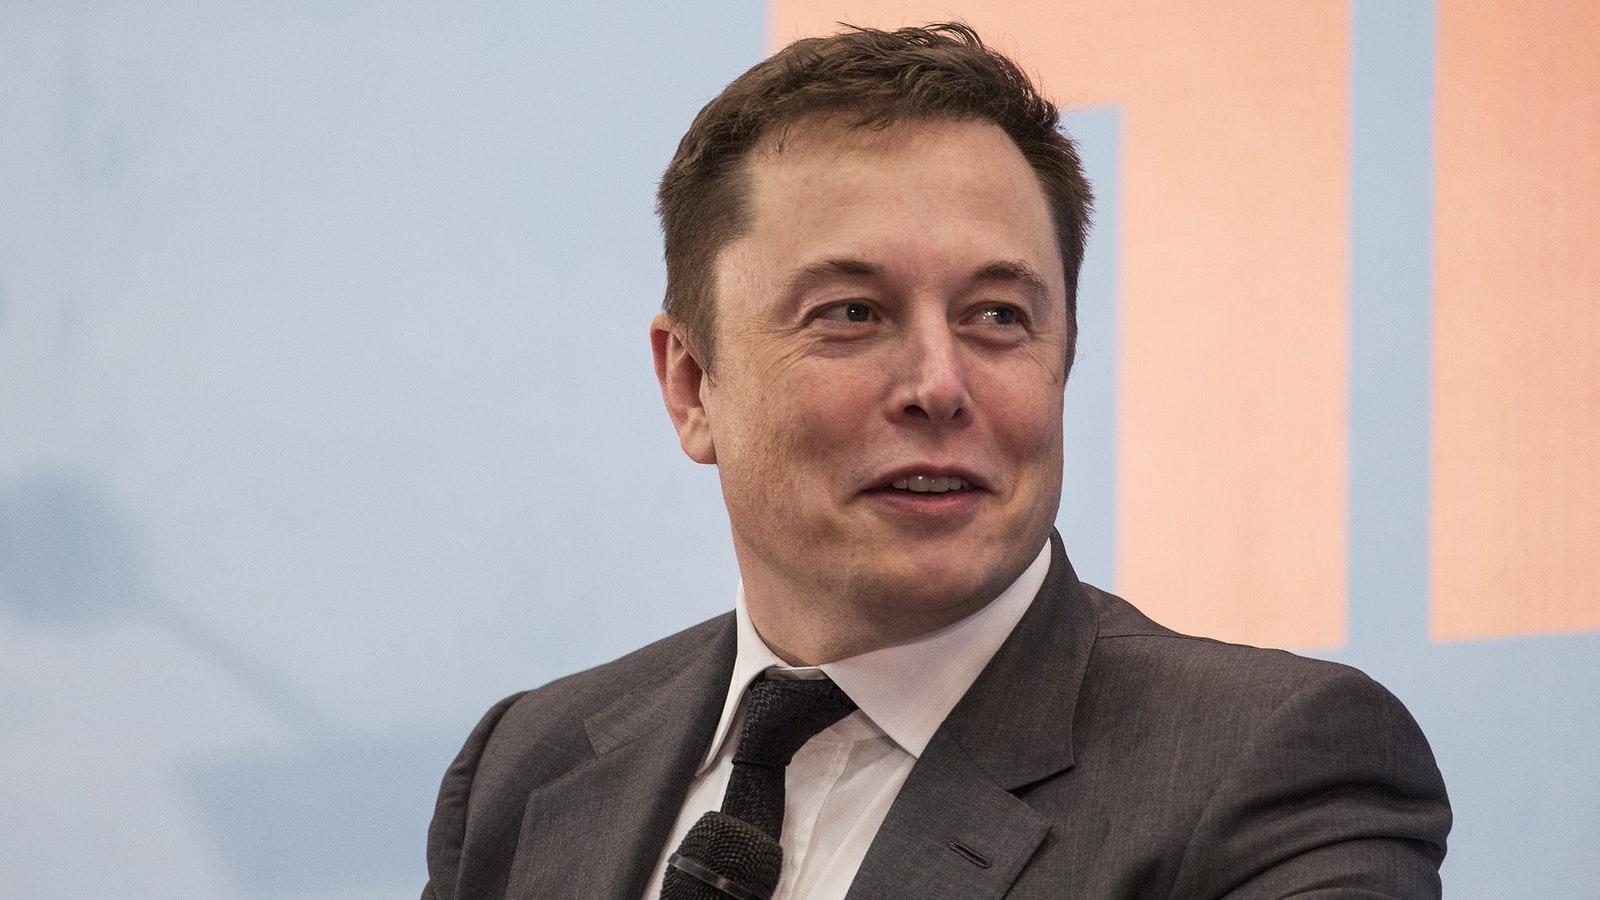 Hành trình trở thành người đàn ông giàu nhất hành tinh của Elon Musk - Ảnh 1.